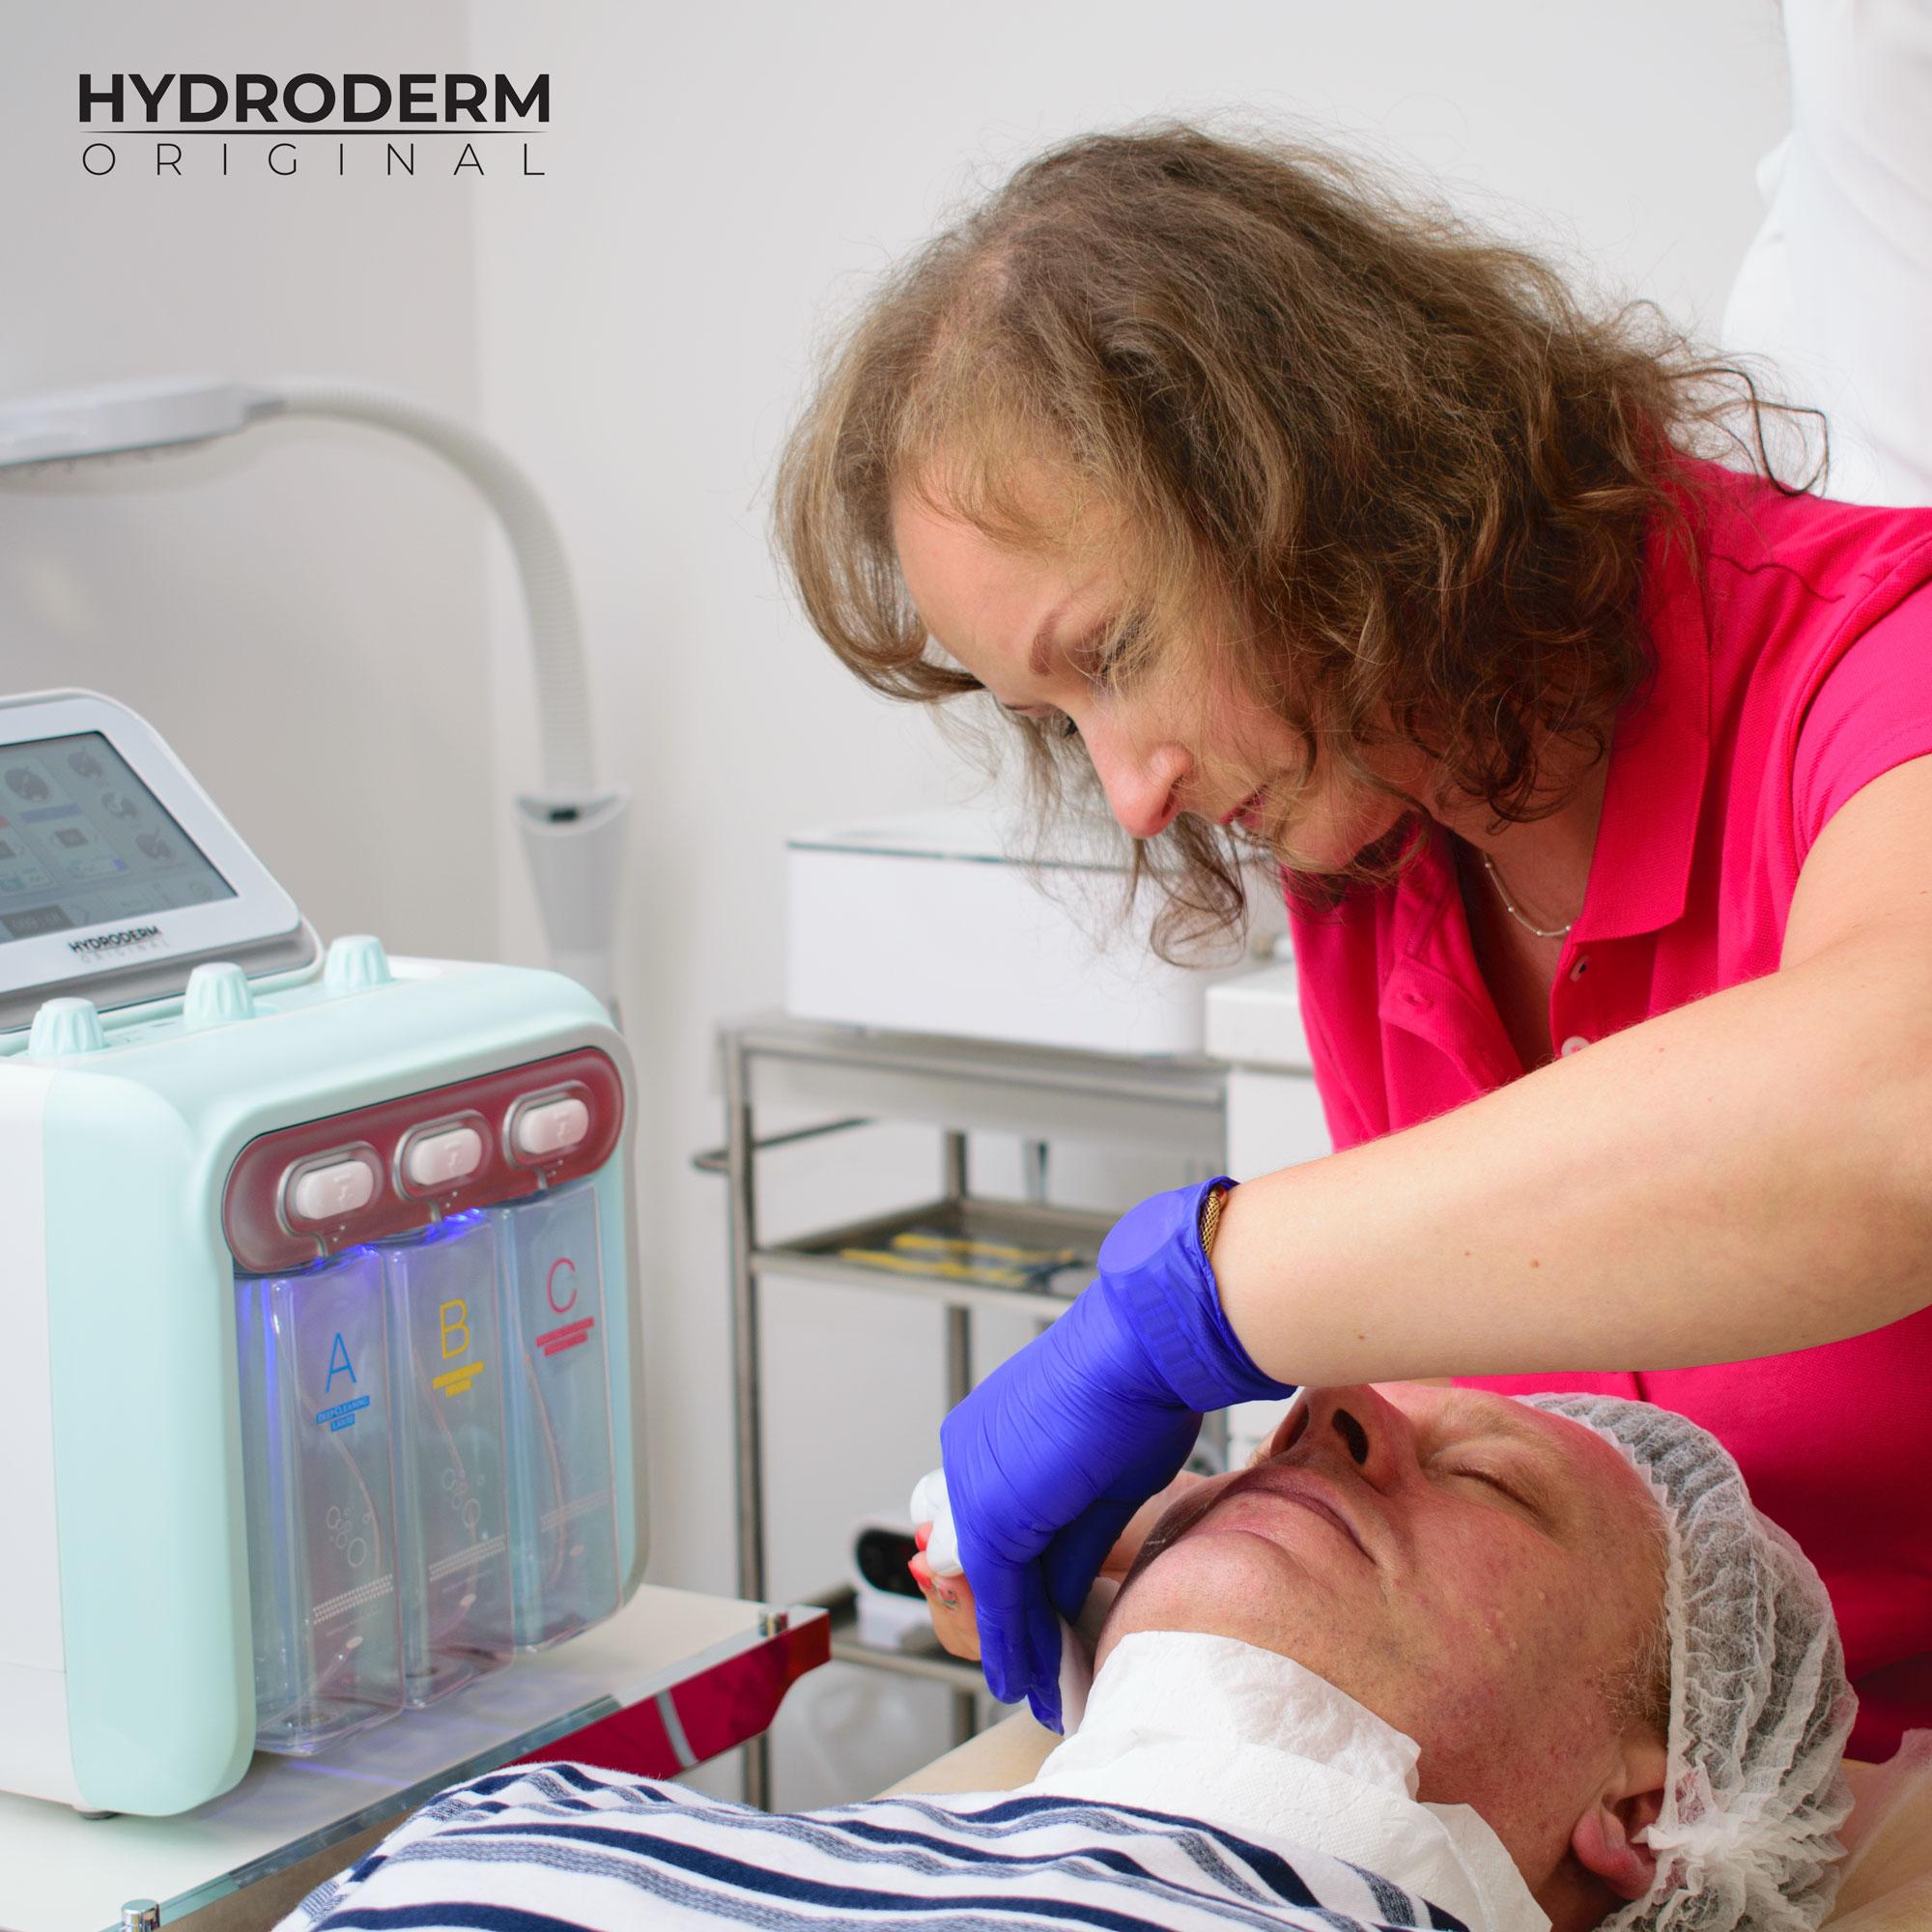 Kupując urządzenie Hydroderm 9w1 Original będziesz w stanie zatrzymać proces starzenia się skóry u swoich klientów